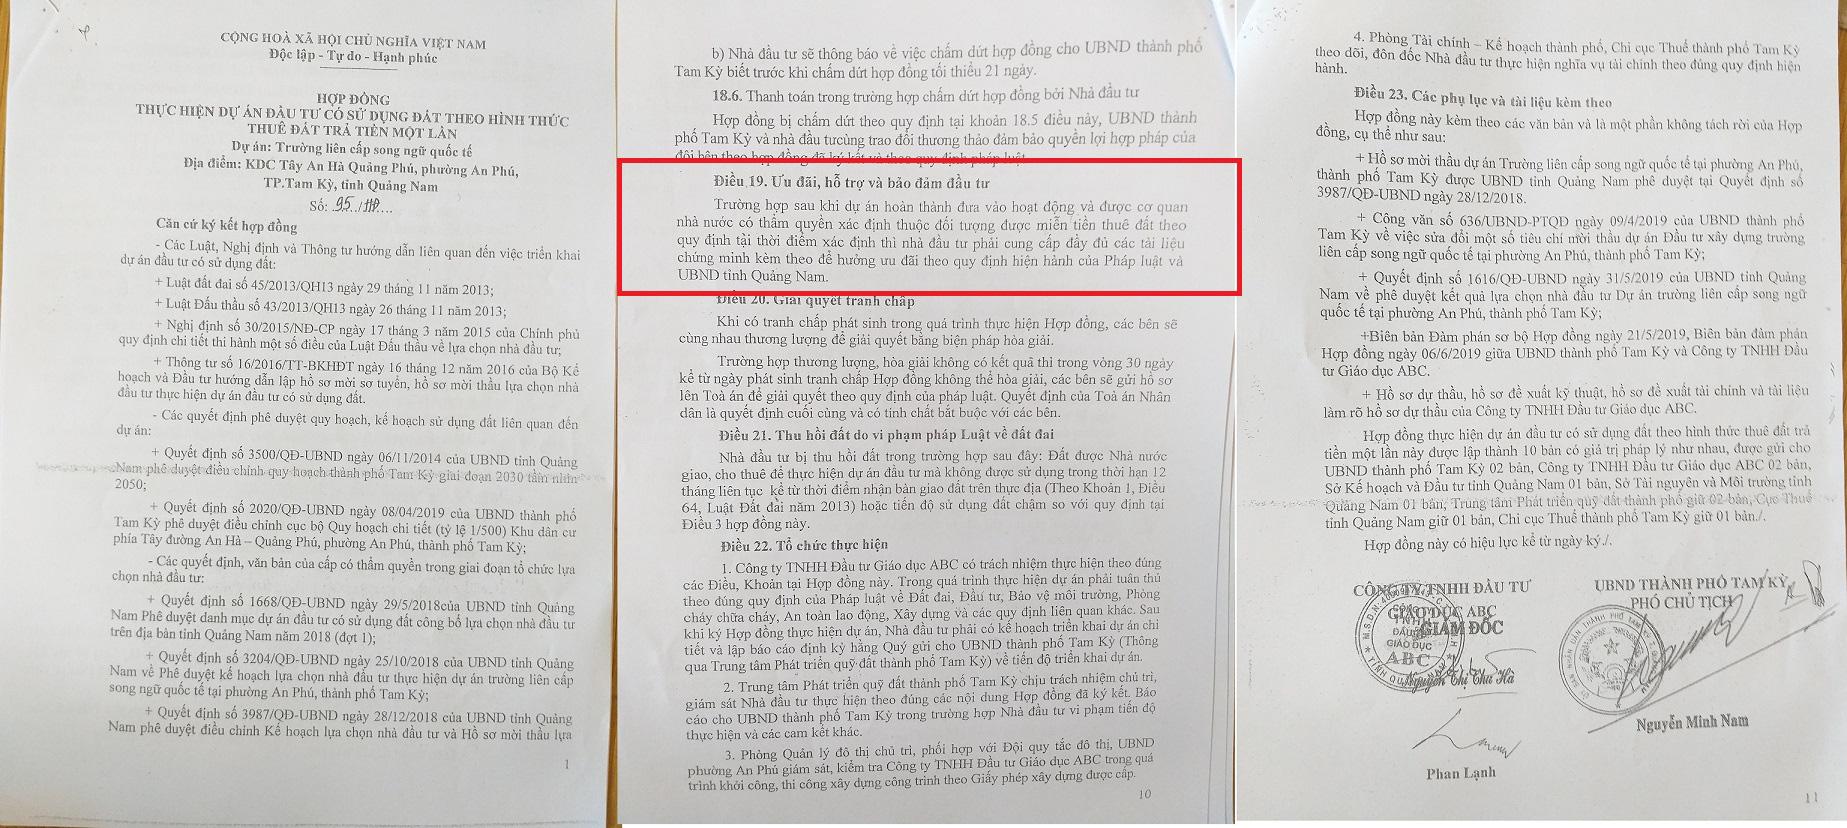 """""""Đất vàng"""" 15.000m2 ở Quảng Nam: Hợp đồng thuê đất không ghi miễn theo Quyết định 29 - Ảnh 1."""